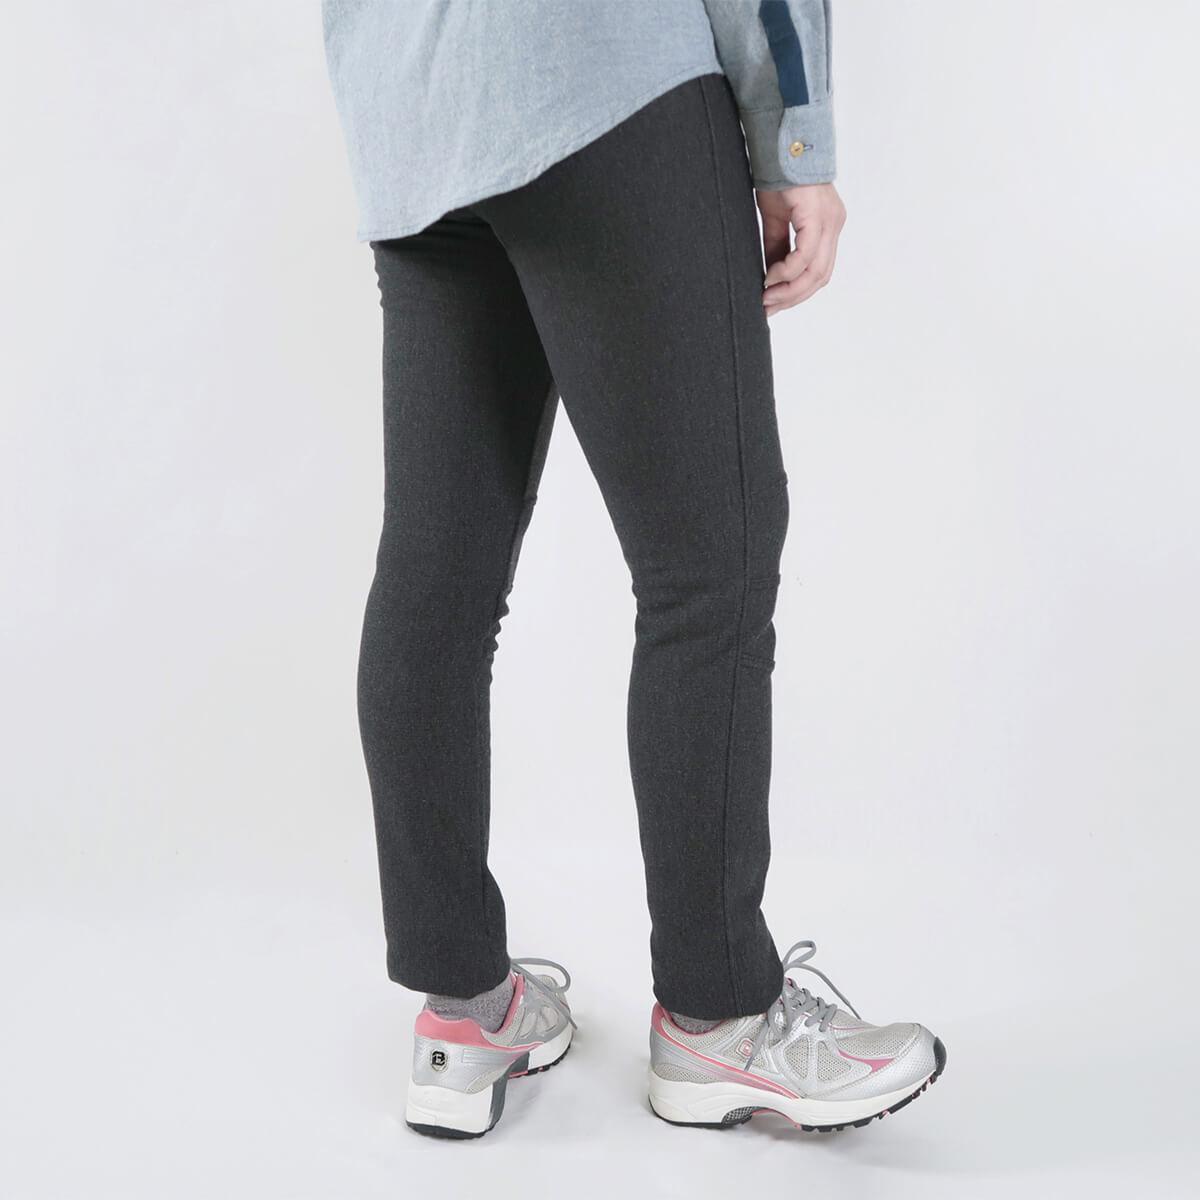 超保暖刷毛內搭褲 台灣製內搭褲 超彈力內搭褲 精絲保暖褲 修身顯瘦長褲 內裡刷毛 全腰圍配色寬版鬆緊帶 黑色長褲 MADE IN TAIWAN WARM PANTS FLEECE LINED LEGGINGS (012-6100-21)黑色、(012-6100-22)深灰色 腰圍M L XL(26~31英吋) 女 [實體店面保障] sun-e 9